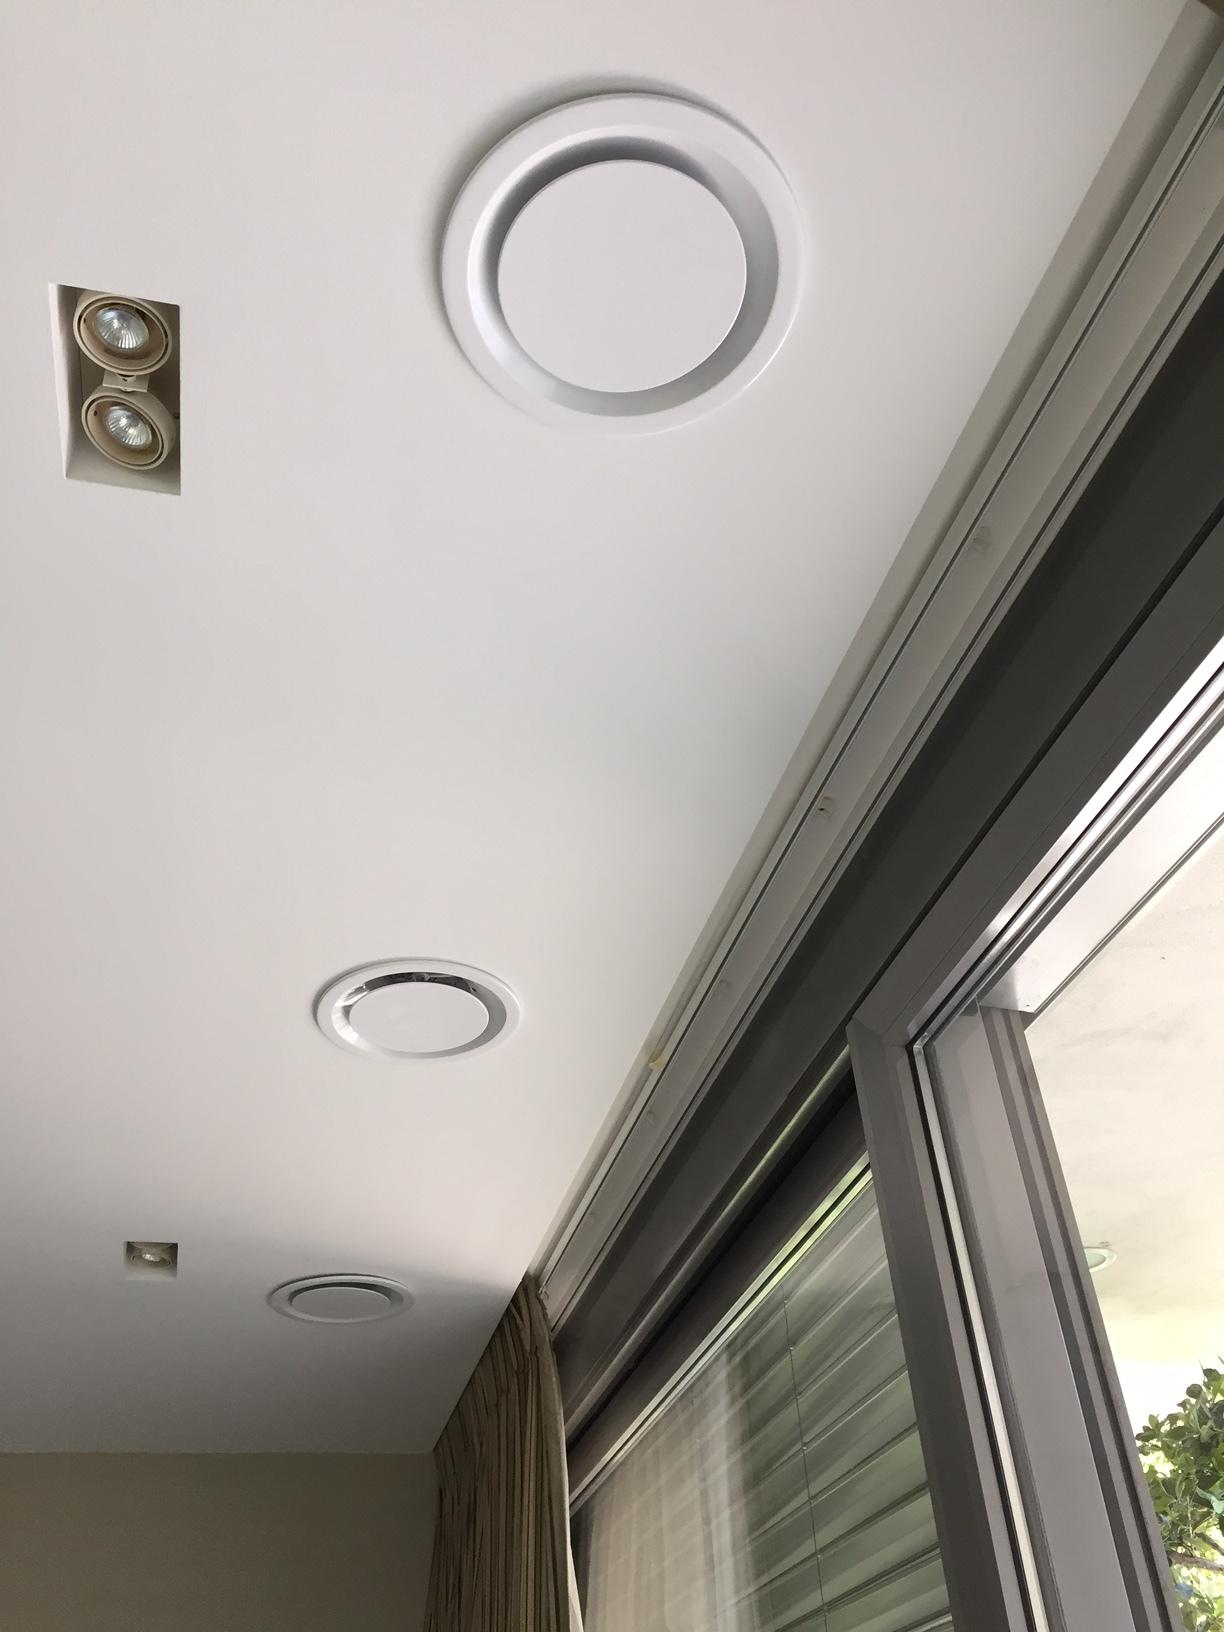 Diffusori Lineari Aria Condizionata madel dso, diffusori con disco centrale